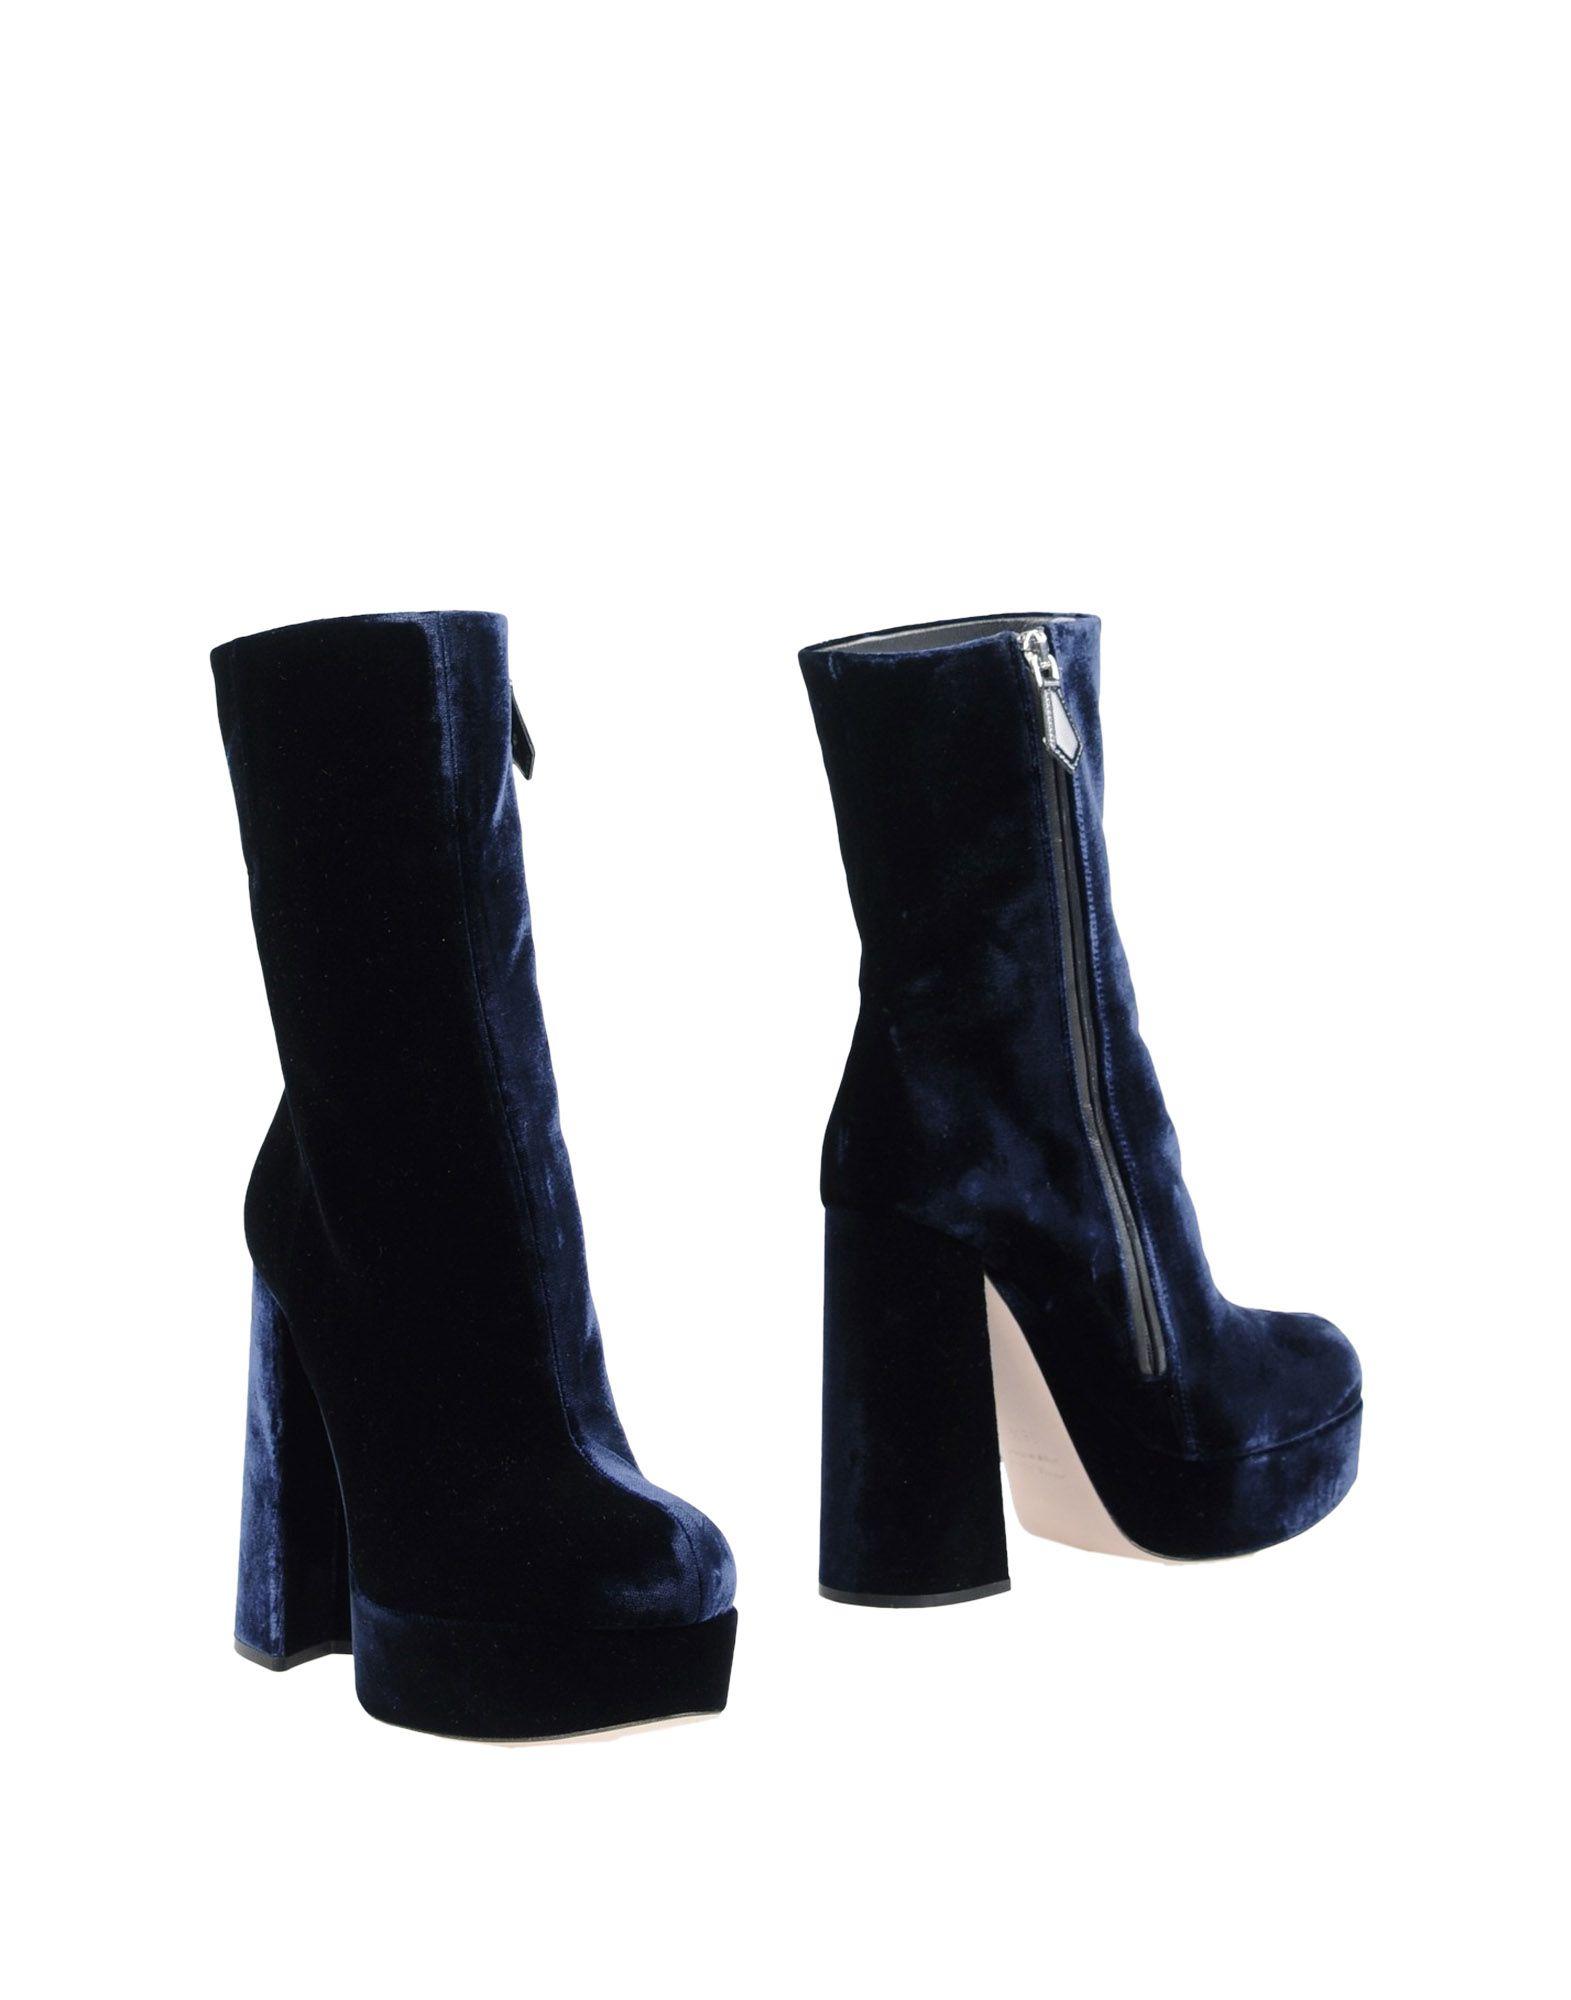 Miu Miu Stiefelette Damen aussehende  11448491NJGünstige gut aussehende Damen Schuhe 80165d